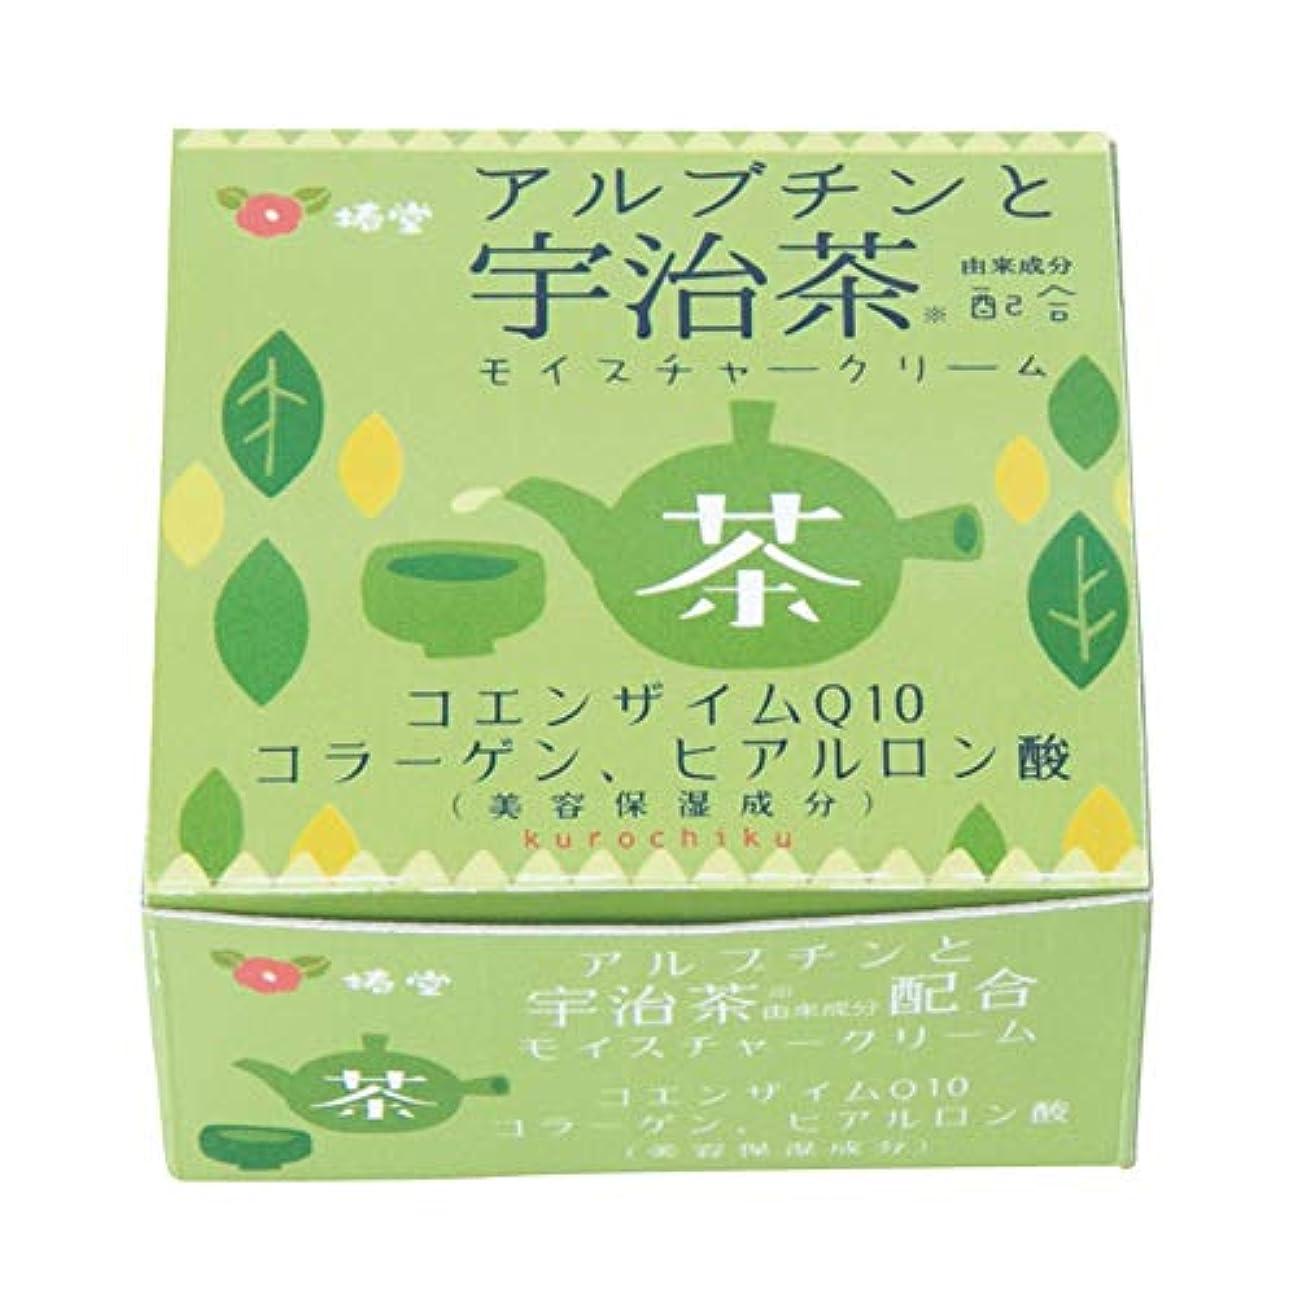 伝導率リラックス速報椿堂 宇治茶モイスチャークリーム (アルブチンと宇治茶) 京都くろちく